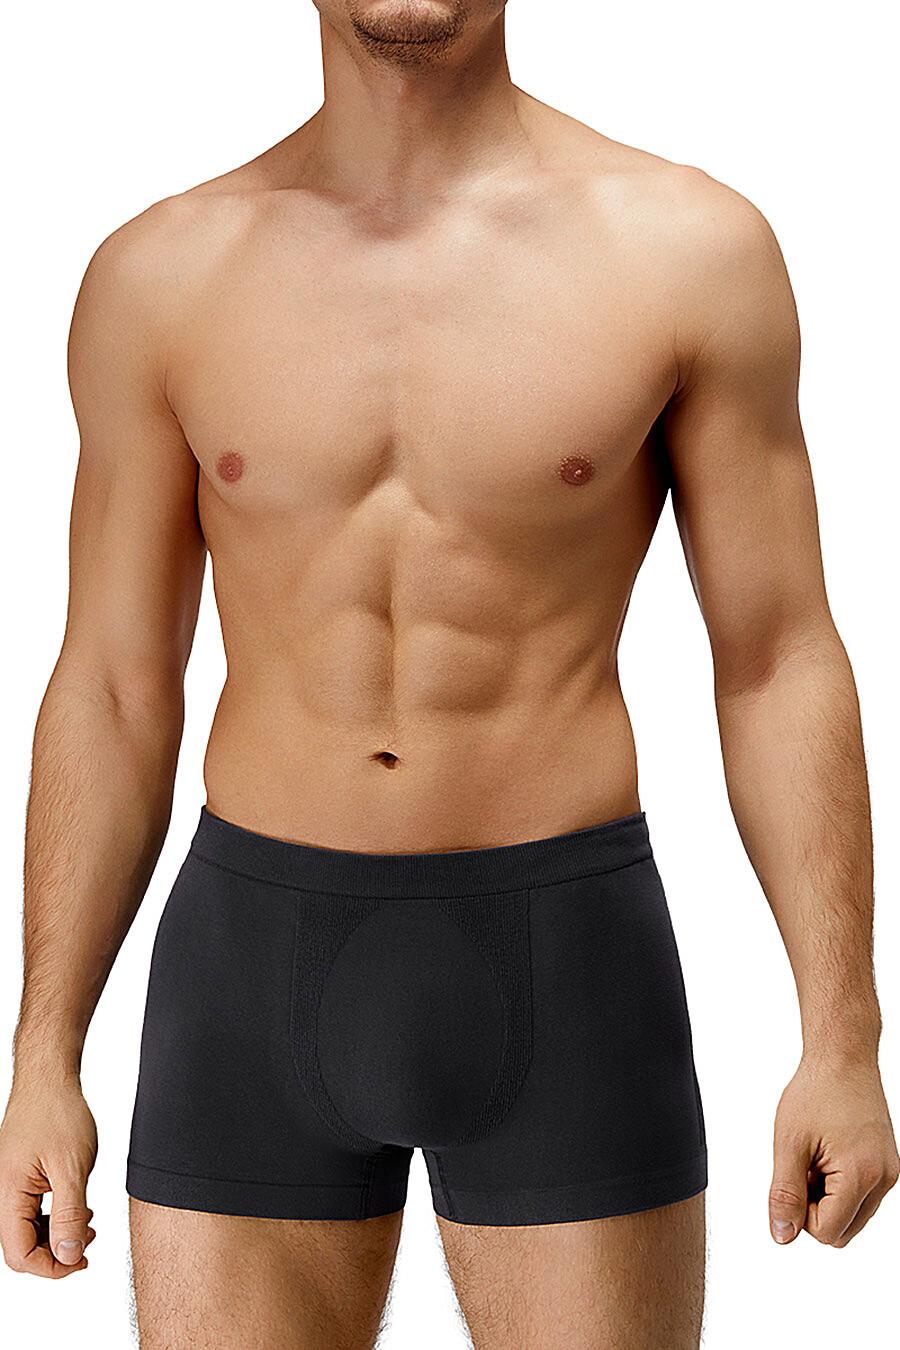 Трусы для мужчин TEKSA 218706 купить оптом от производителя. Совместная покупка мужской одежды в OptMoyo